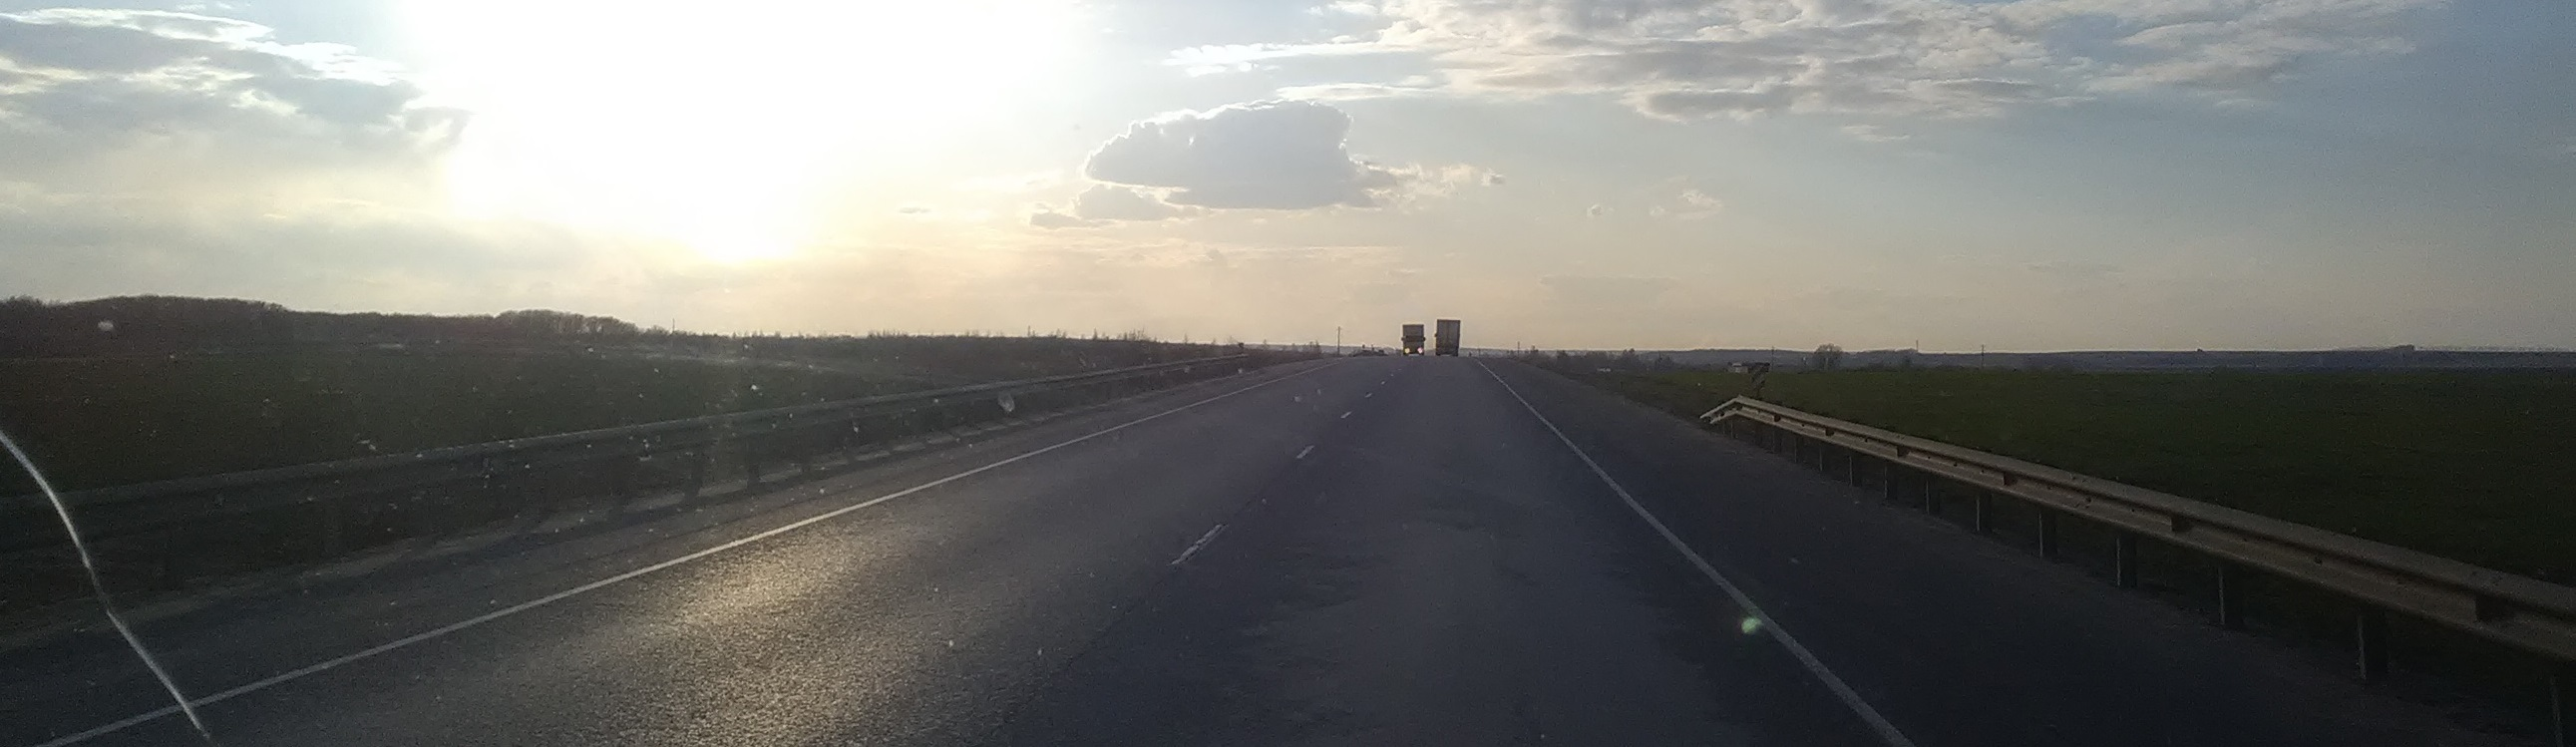 Попутные автомобили из области в Москву